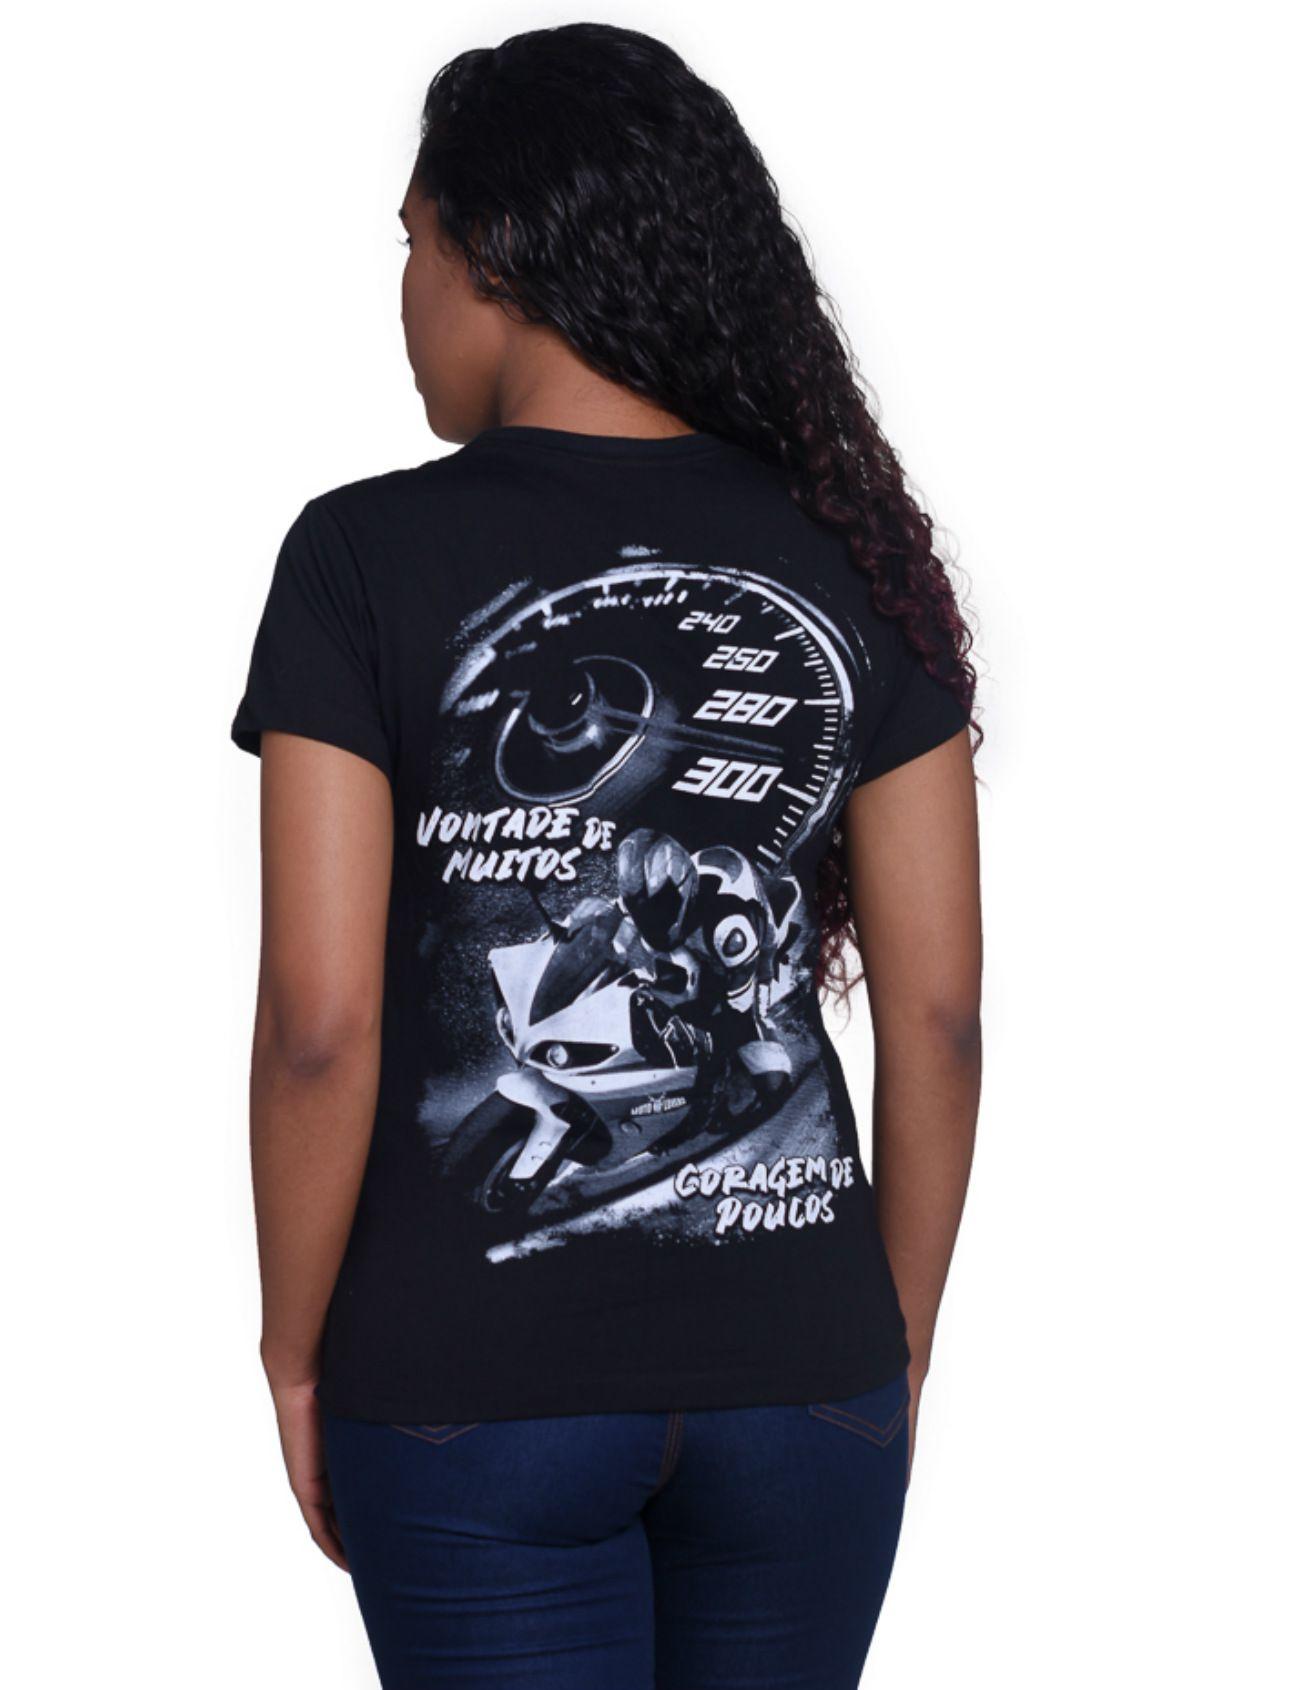 Camiseta Feminina Coragem de Poucos